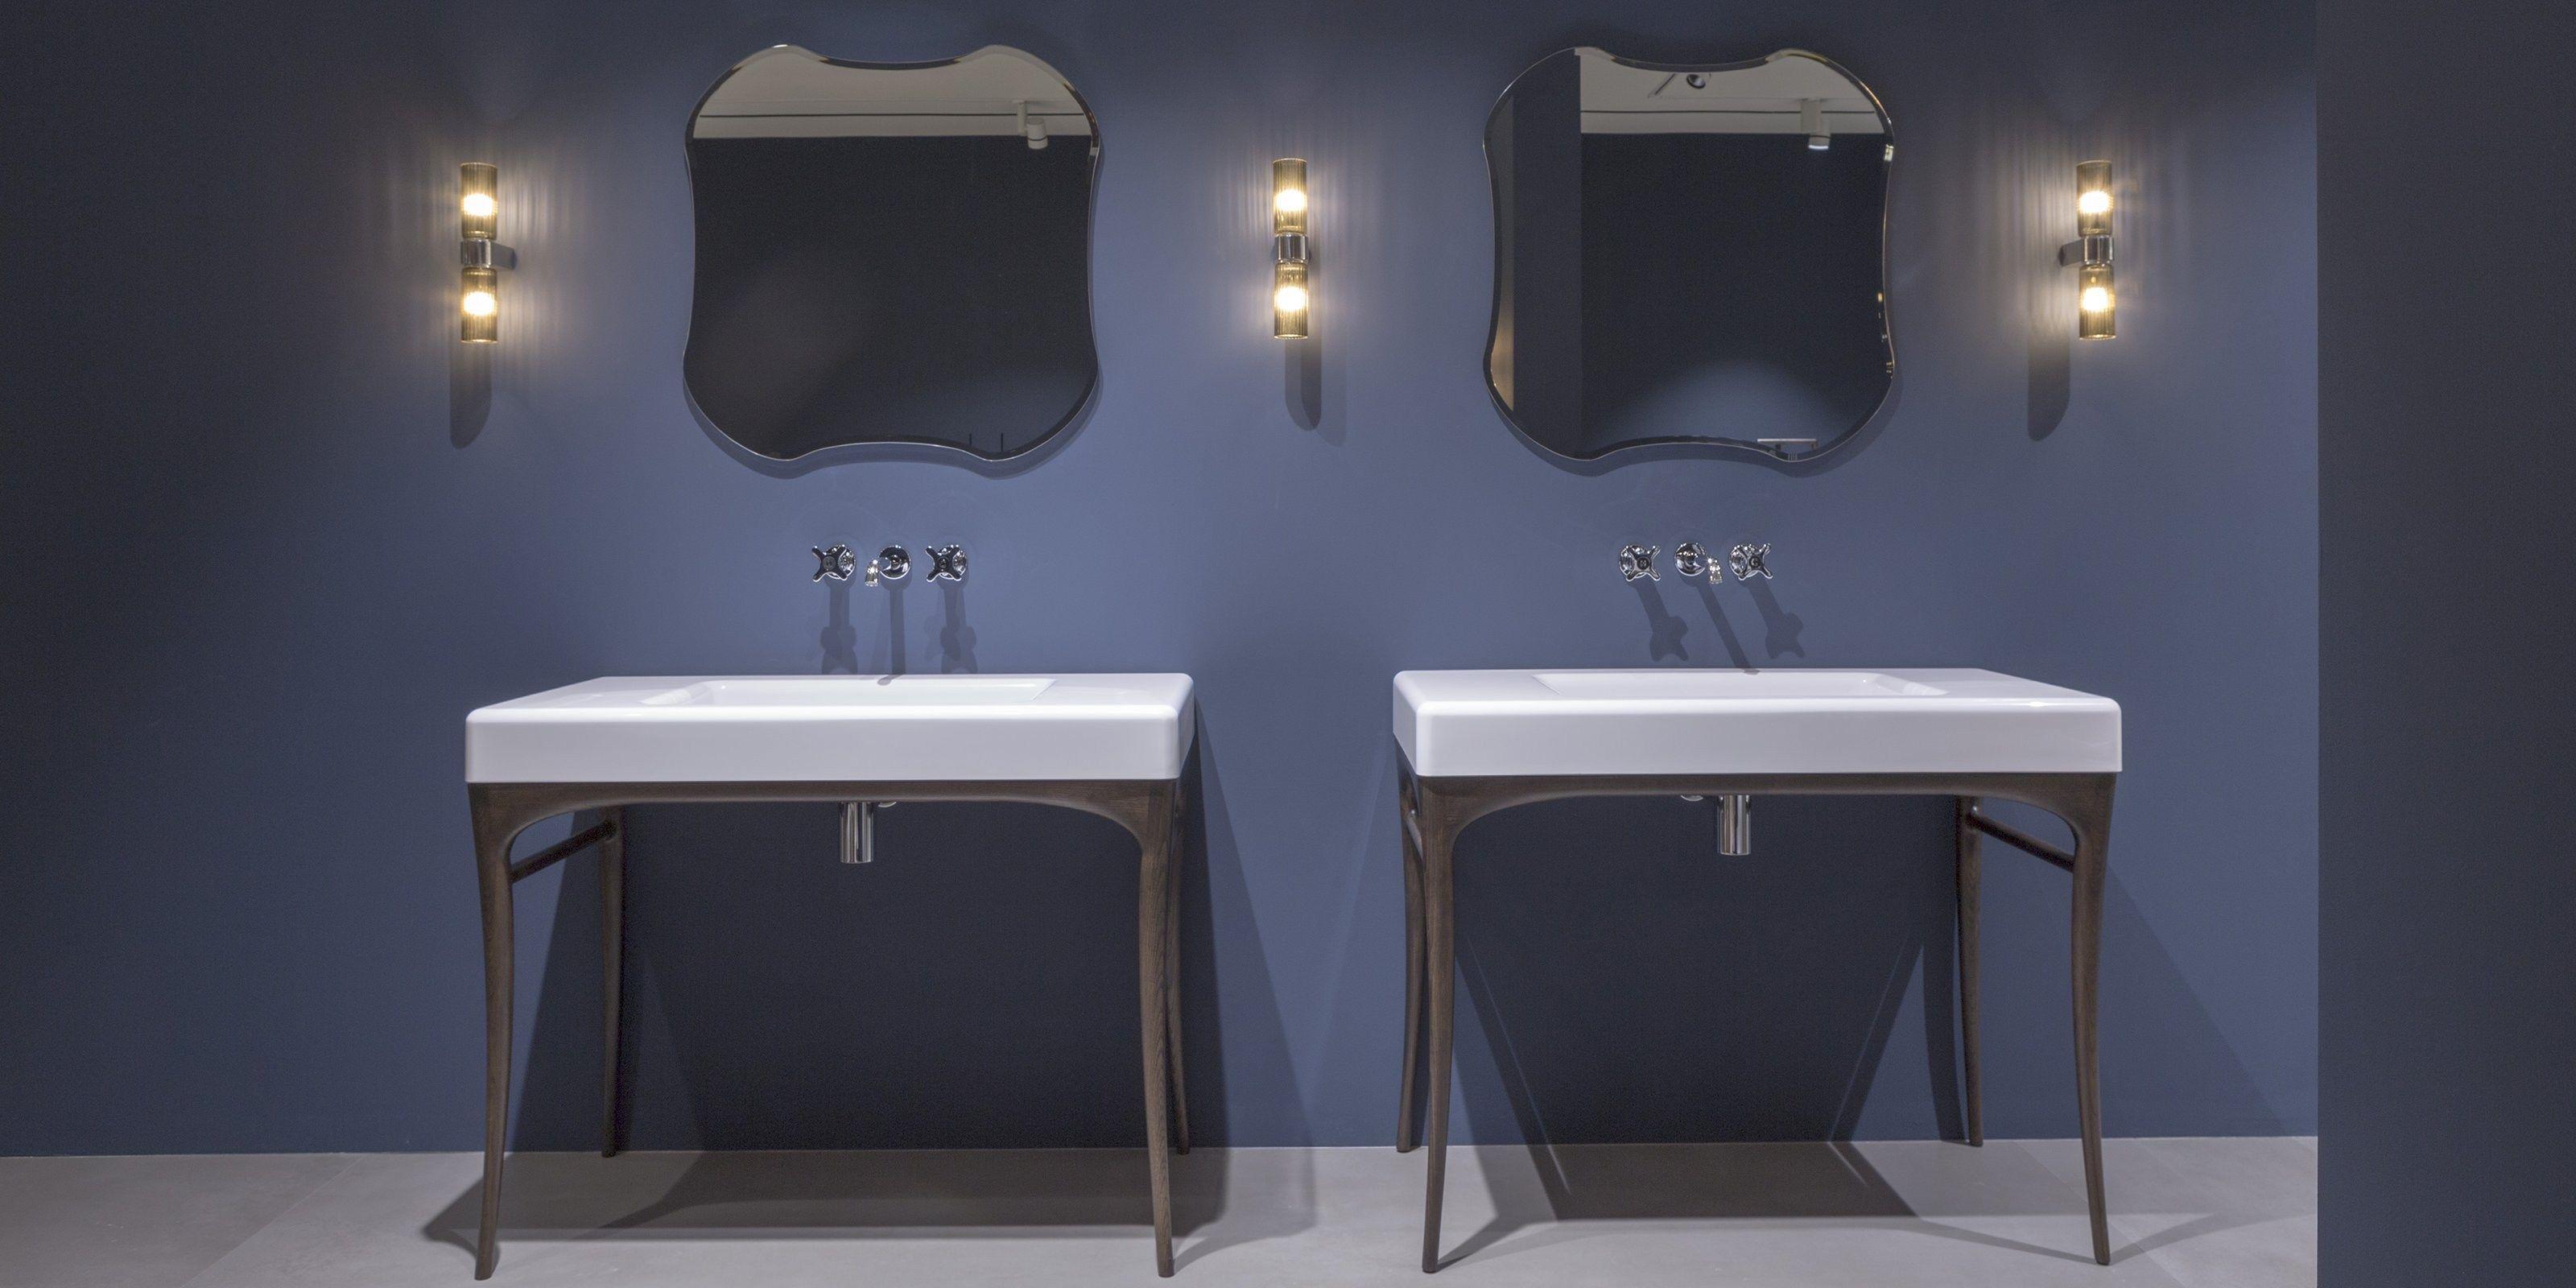 ILBAGNO By Antonio Lupi Design